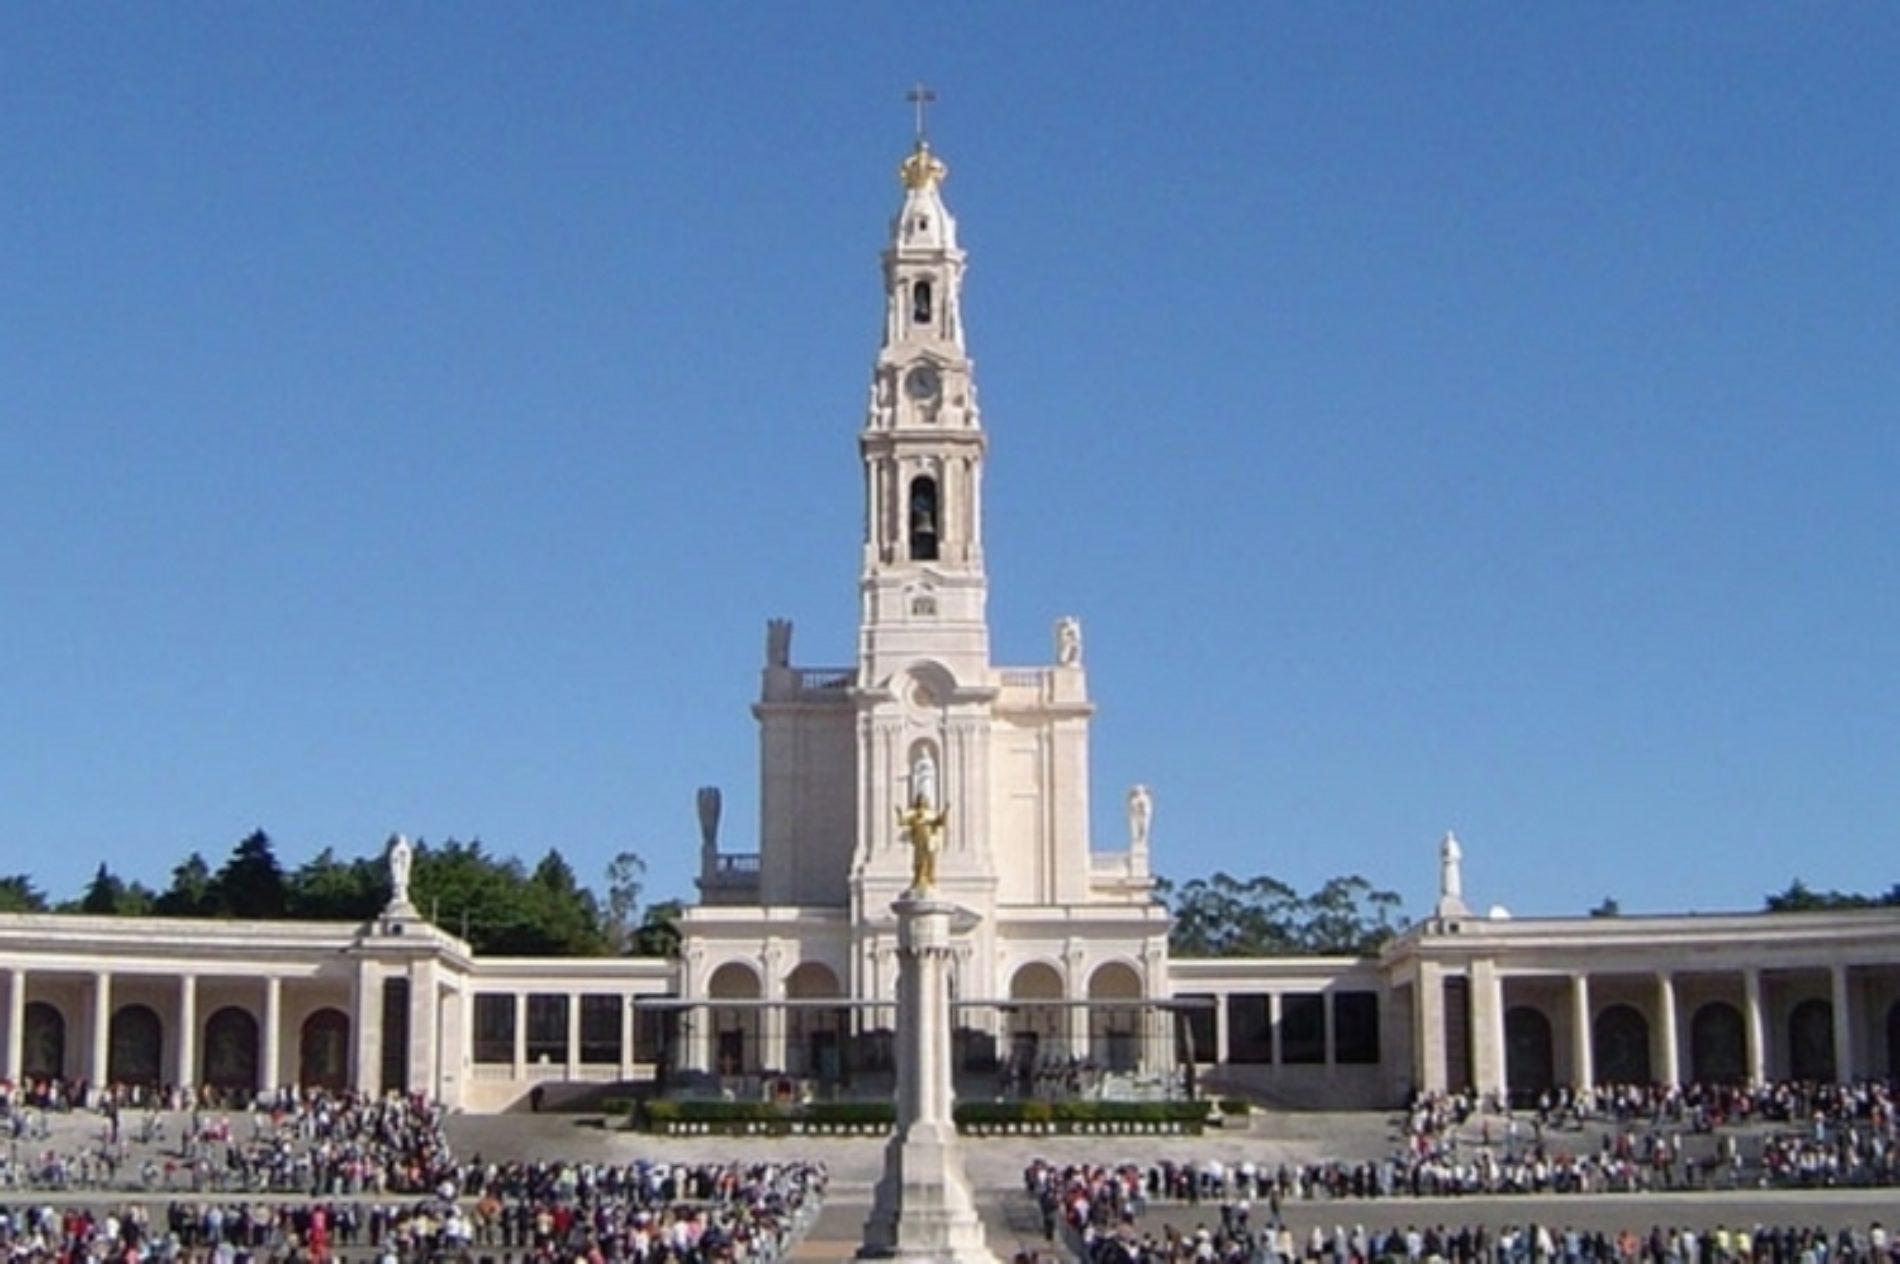 Covid-19: Peregrinação de maio em Fátima celebrada sem peregrinos